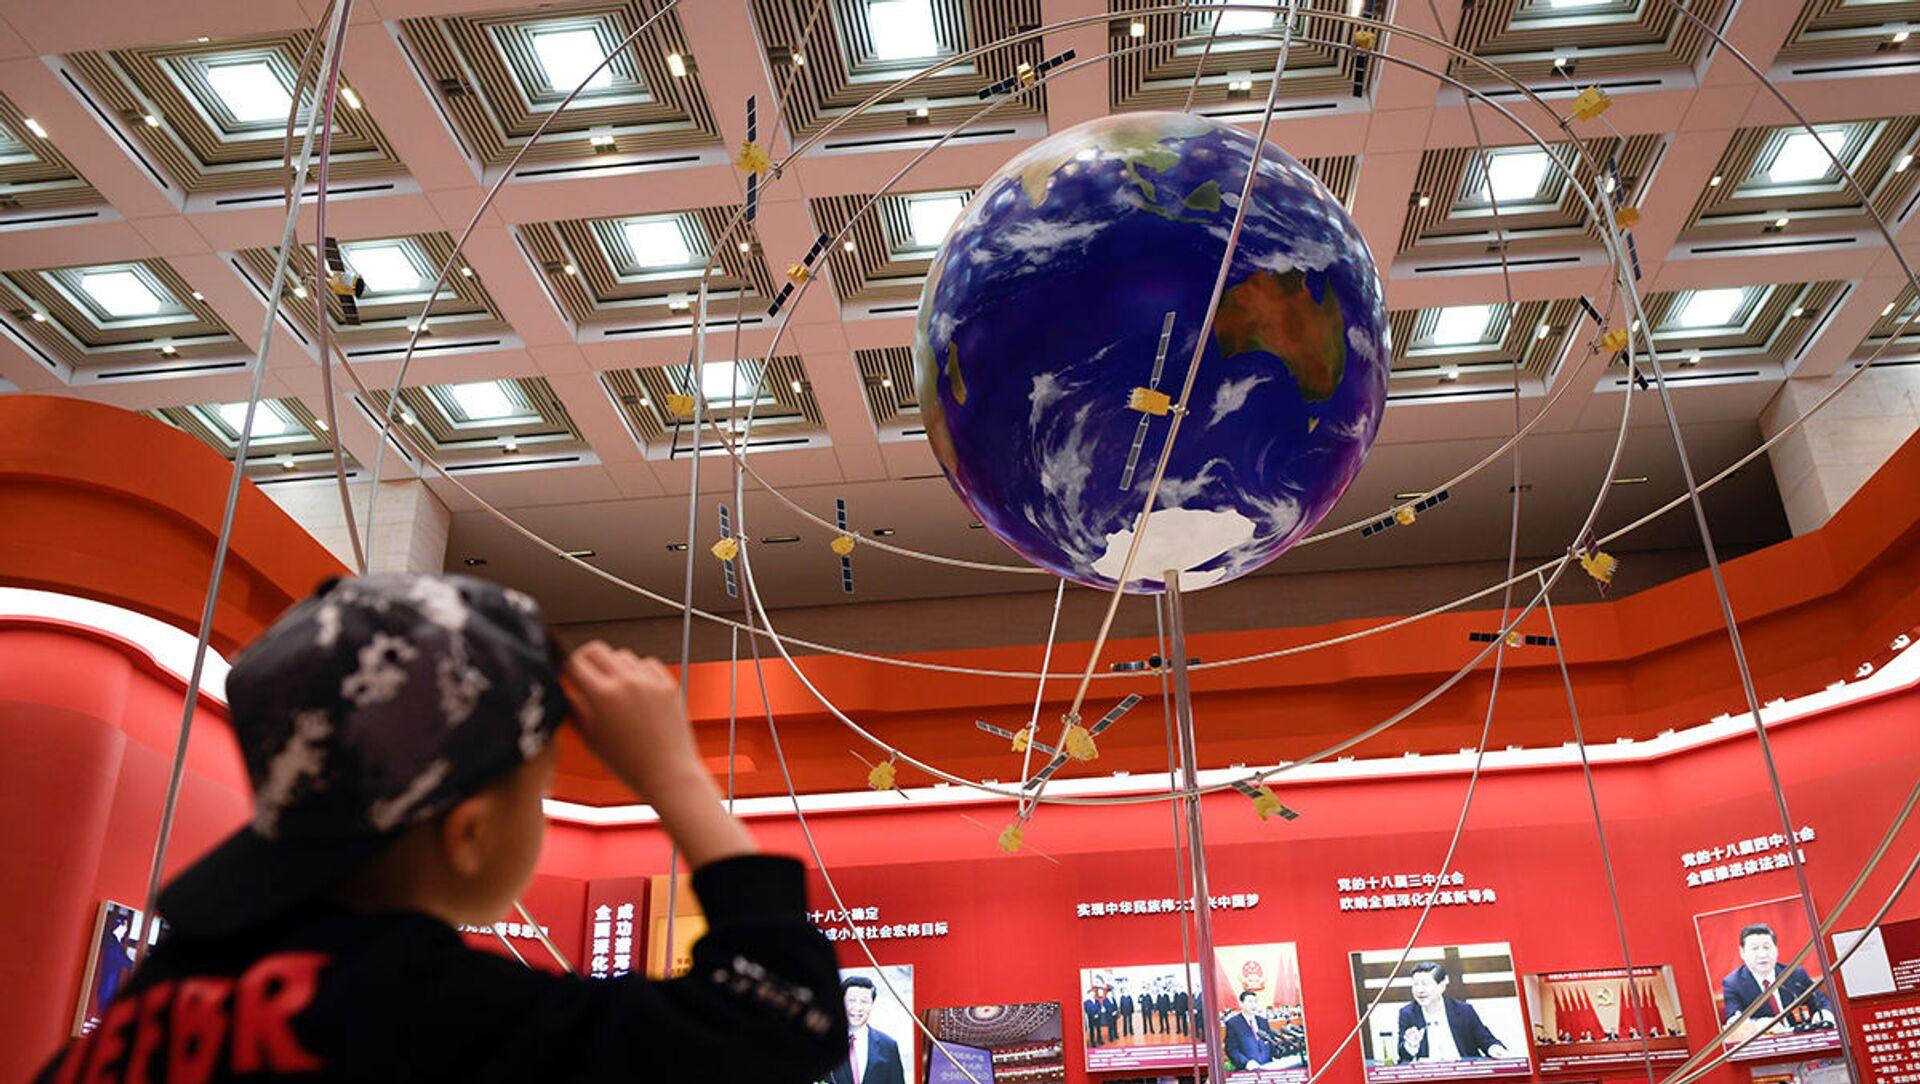 Hệ thống định vị toàn cầu Beidou của Trung Quốc - Sputnik Việt Nam, 1920, 28.09.2021